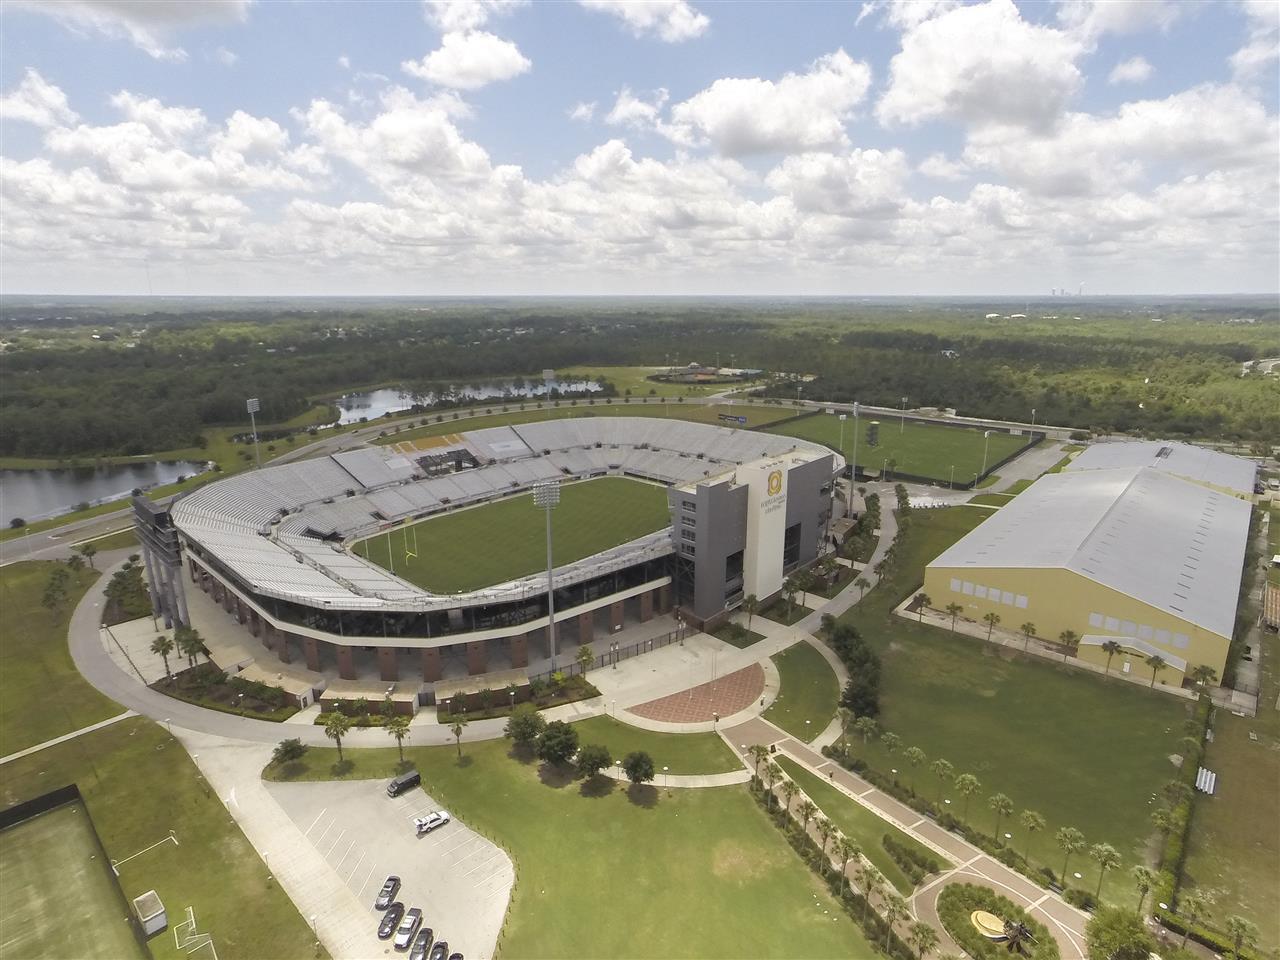 #Orlando,FL #UniversityofCentralFlorida #UCF #UCFStadium #UCFStadiumAerial